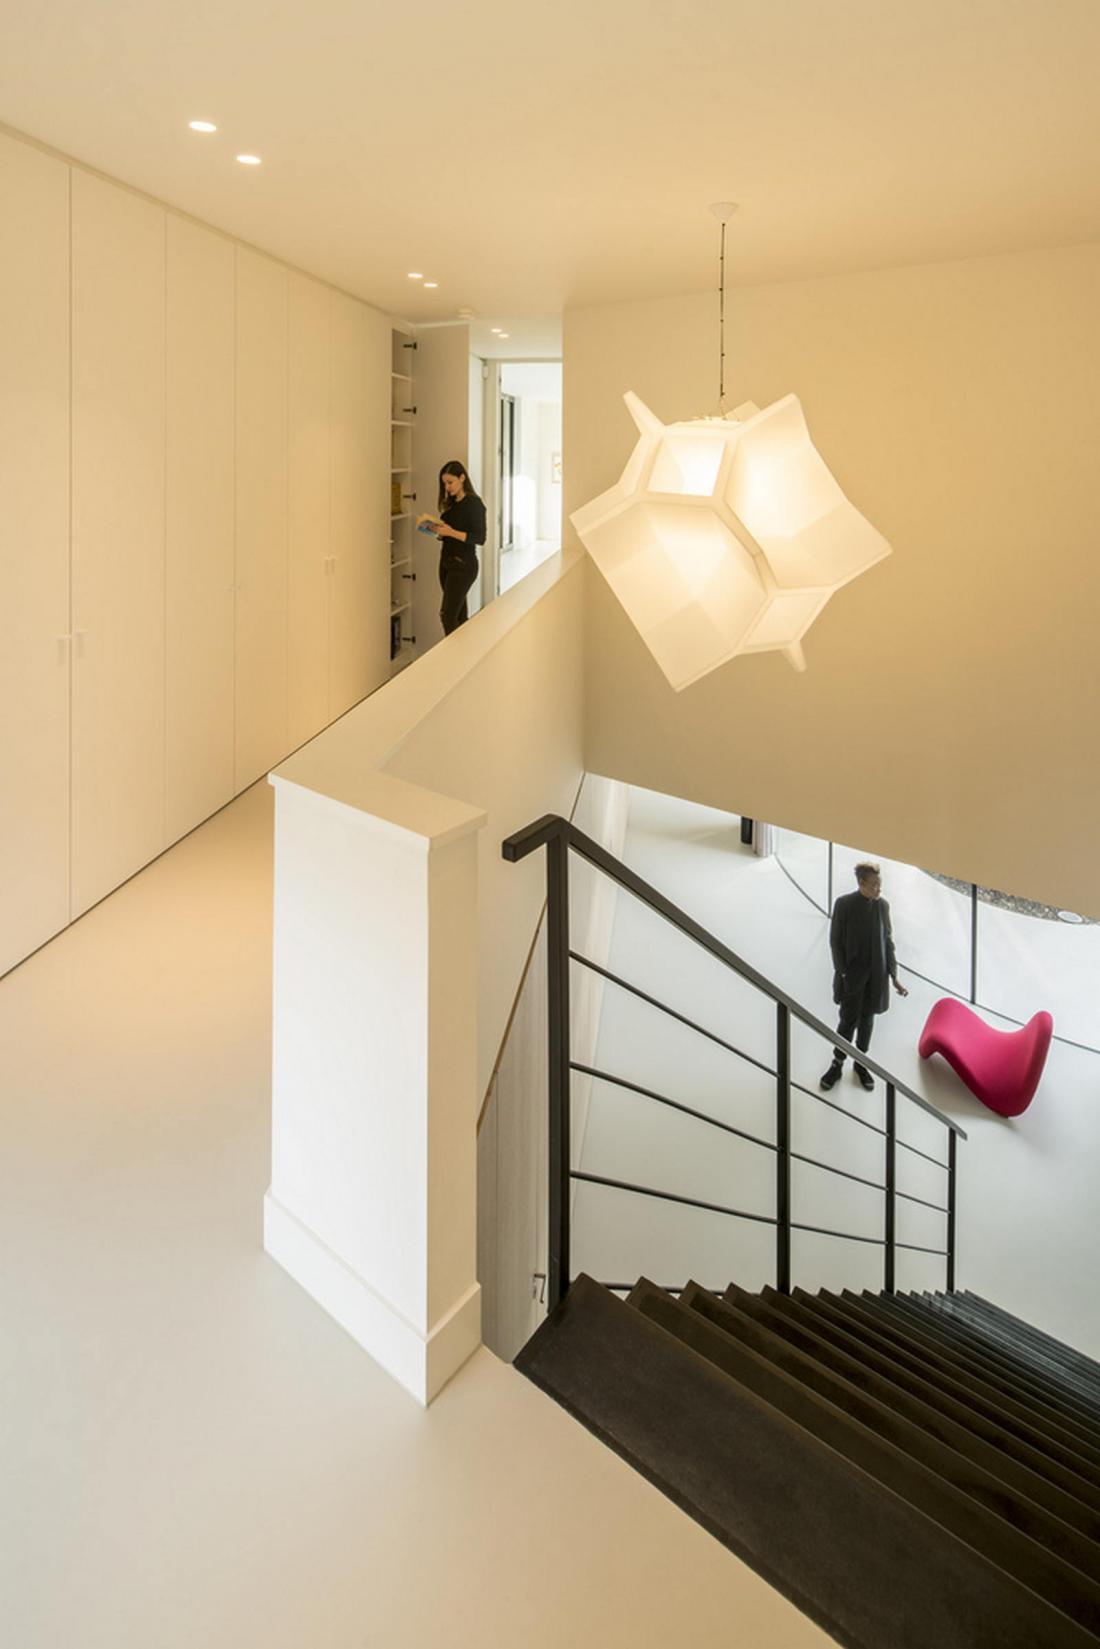 Дом Casa Kwantes в Нидерландах от студии MVRDV 18